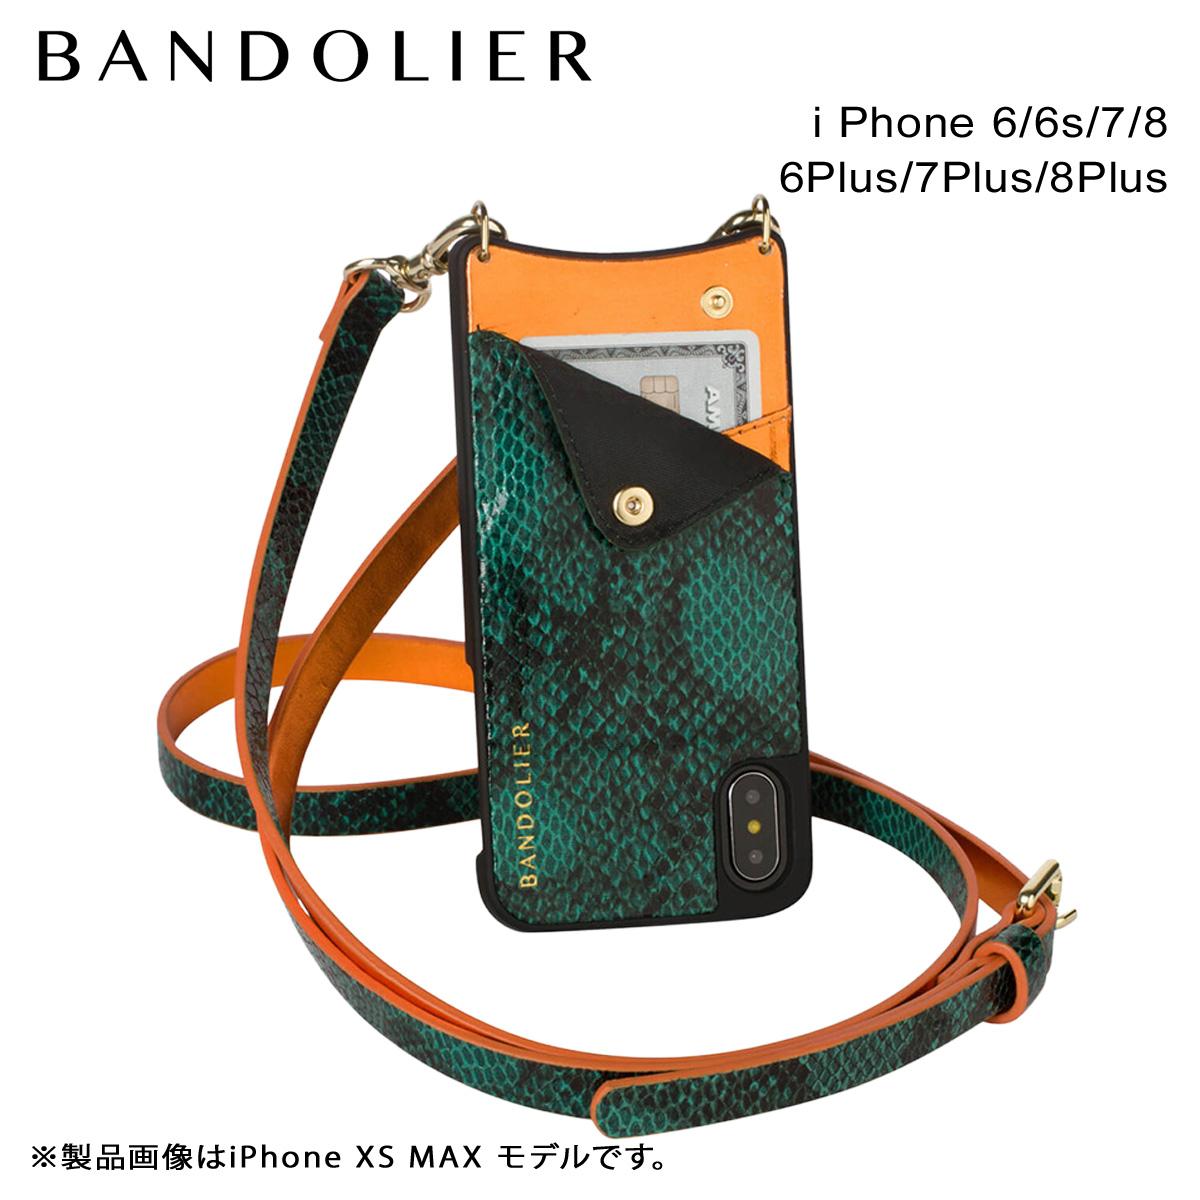 バンドリヤー BANDOLIER iPhone8 iPhone7 7Plus 6s ケース スマホ アイフォン プラス EMMA GREEN SNAKE メンズ レディース グリーン [6/1 新入荷] 【決算セール 返品不可】